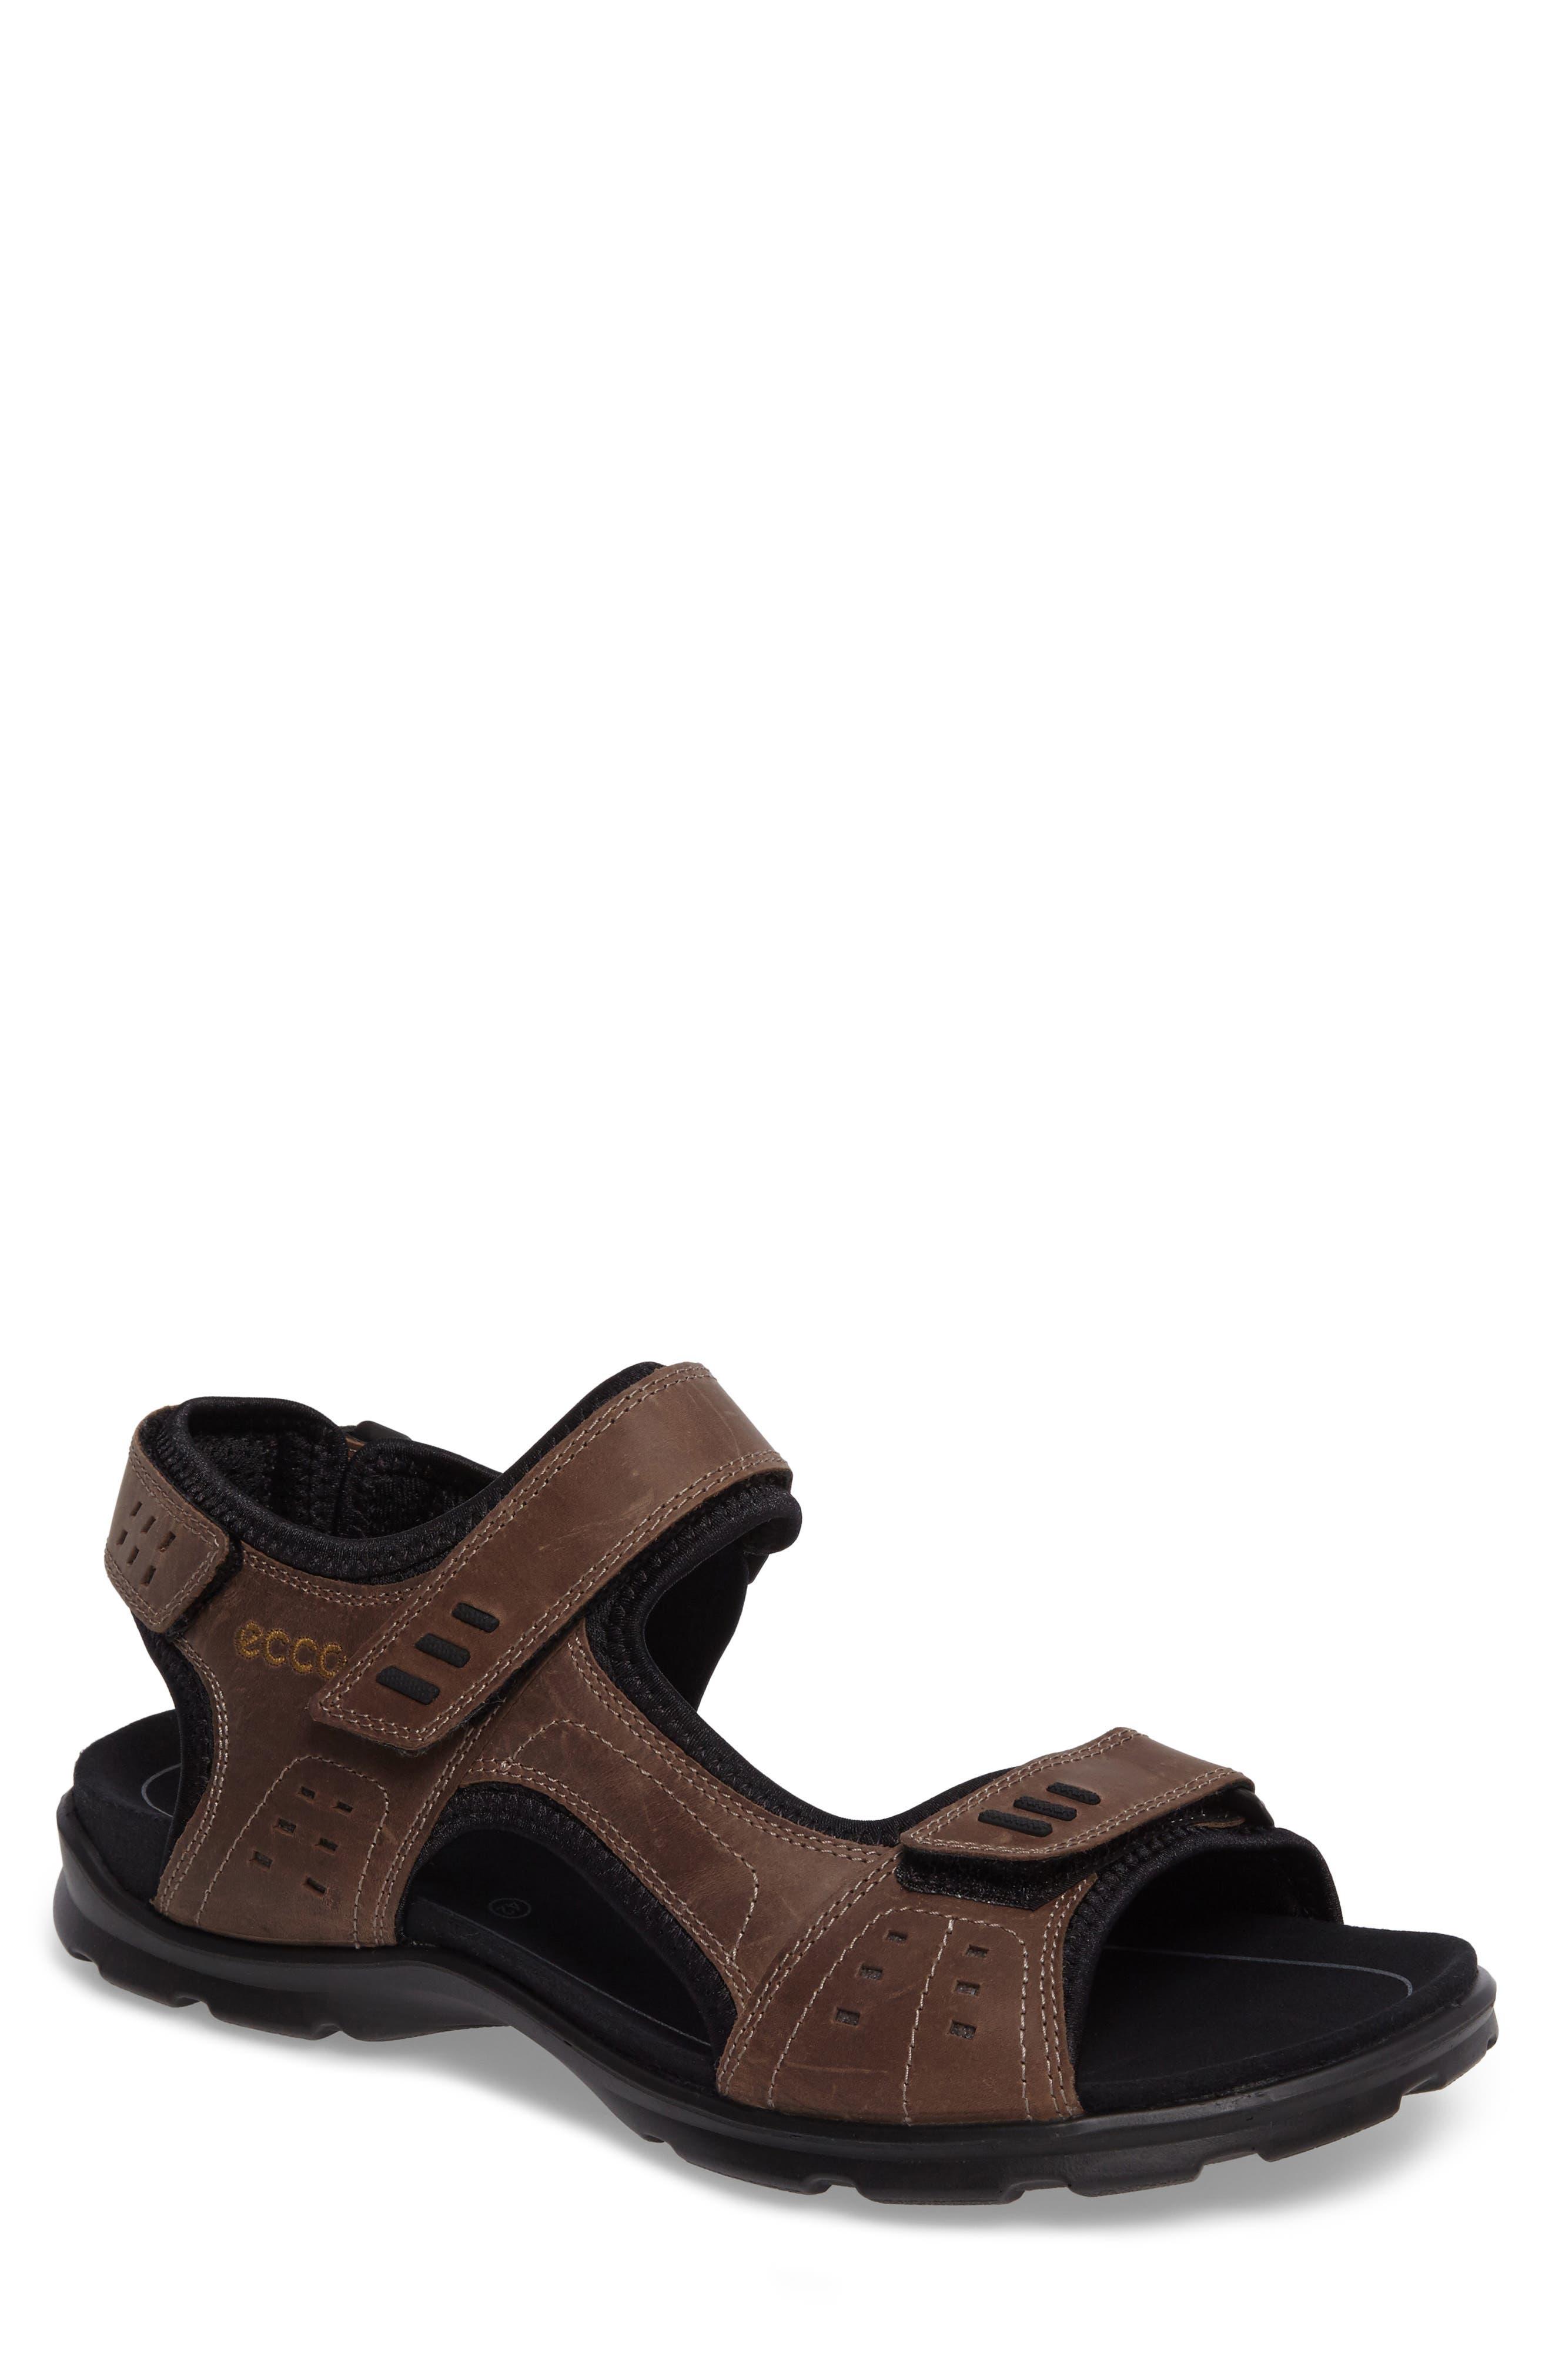 Utah Sandal,                             Main thumbnail 1, color,                             217